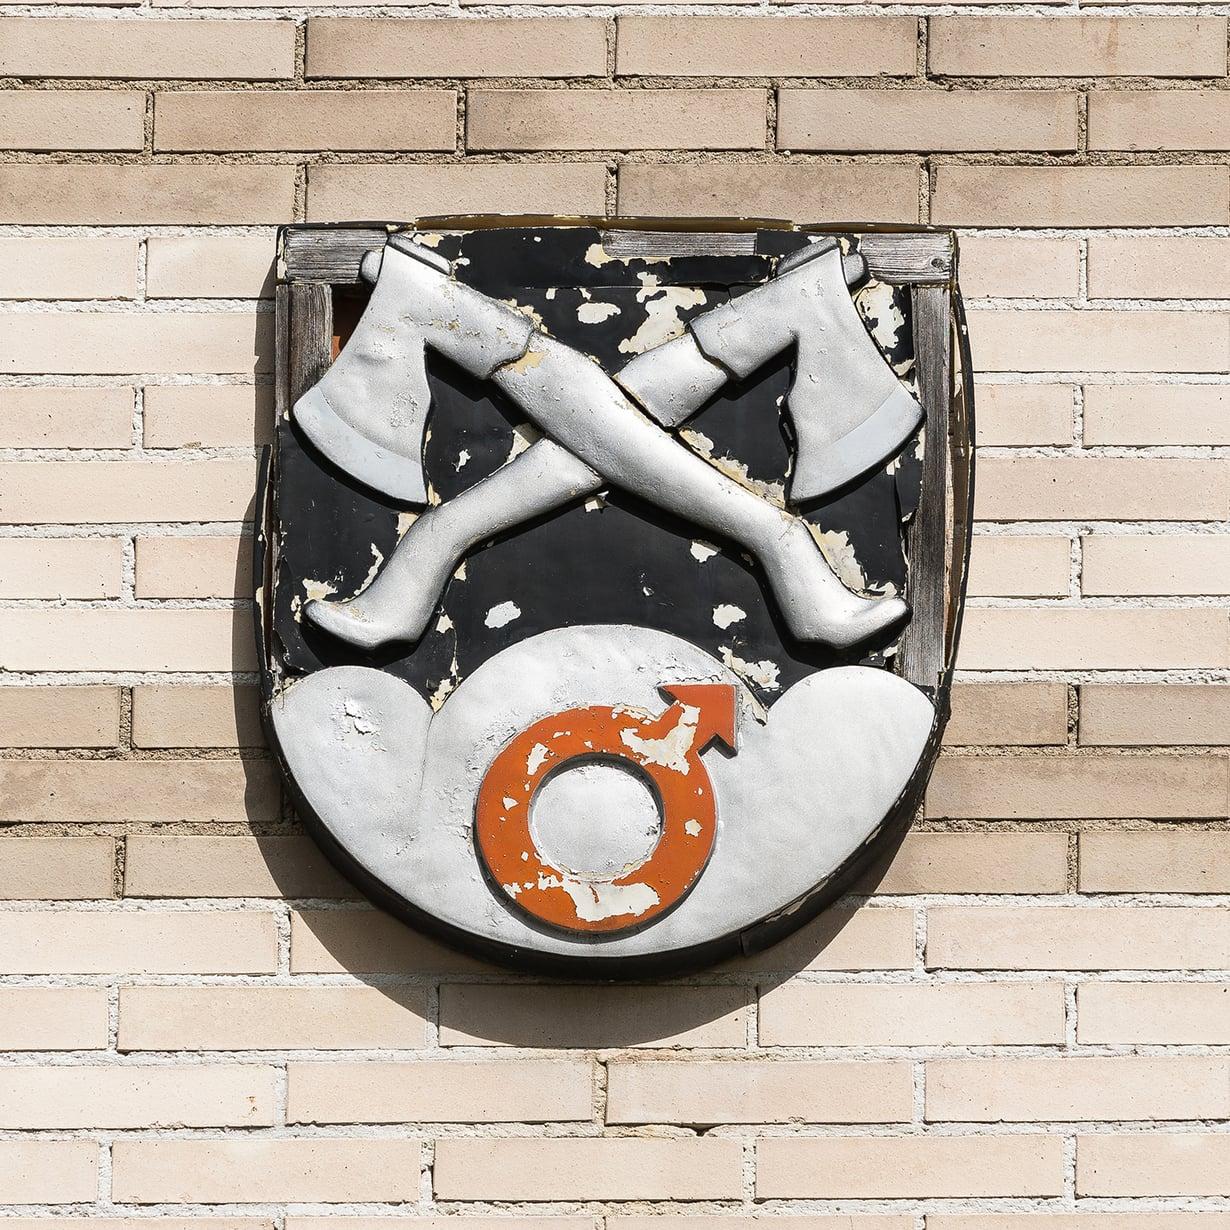 Rautavaaran vaakuna kunnantalon seinällä on vähän siipeensä saanut niin kuin on kuntakin.